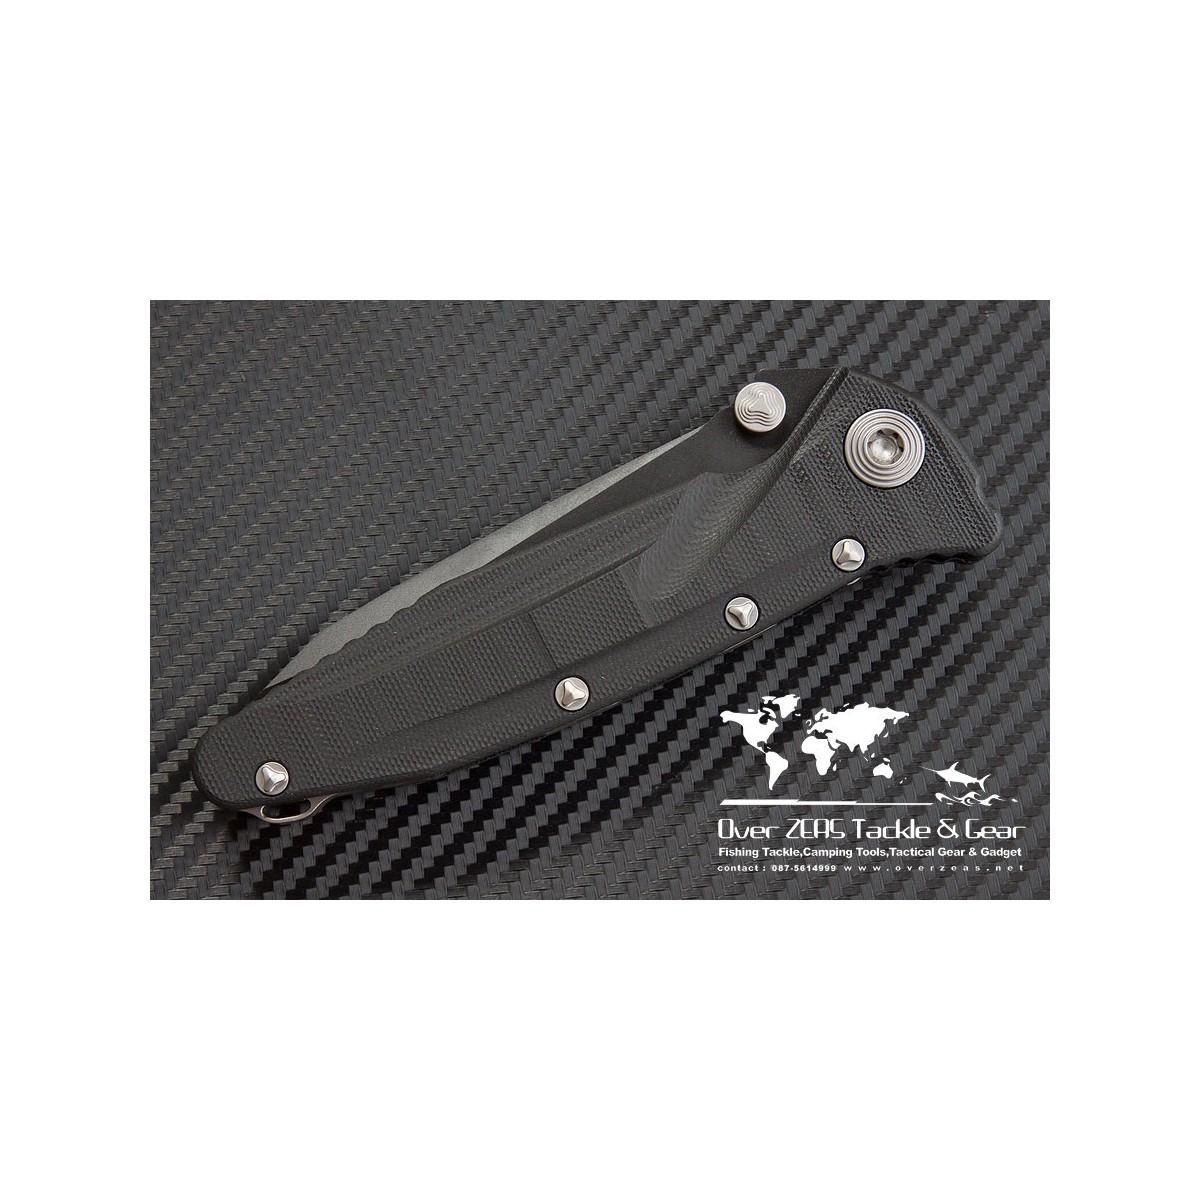 """มีดพับ Microtech Socom Delta Tanto Folding Knife G-10 (4"""" Black Full Serr) 163-3"""